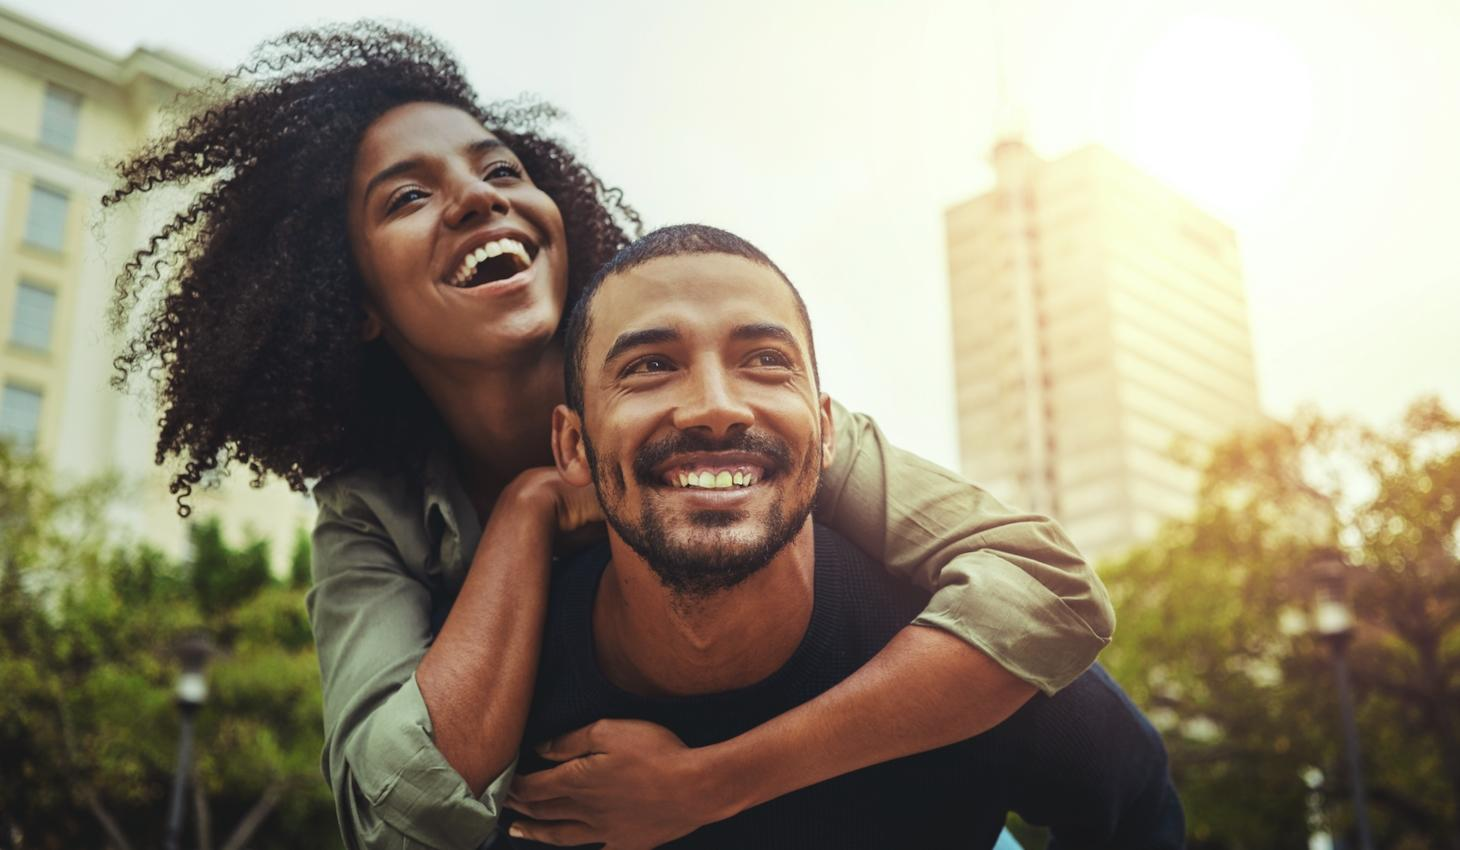 У веселых людей больше шансов найти спутника жизни